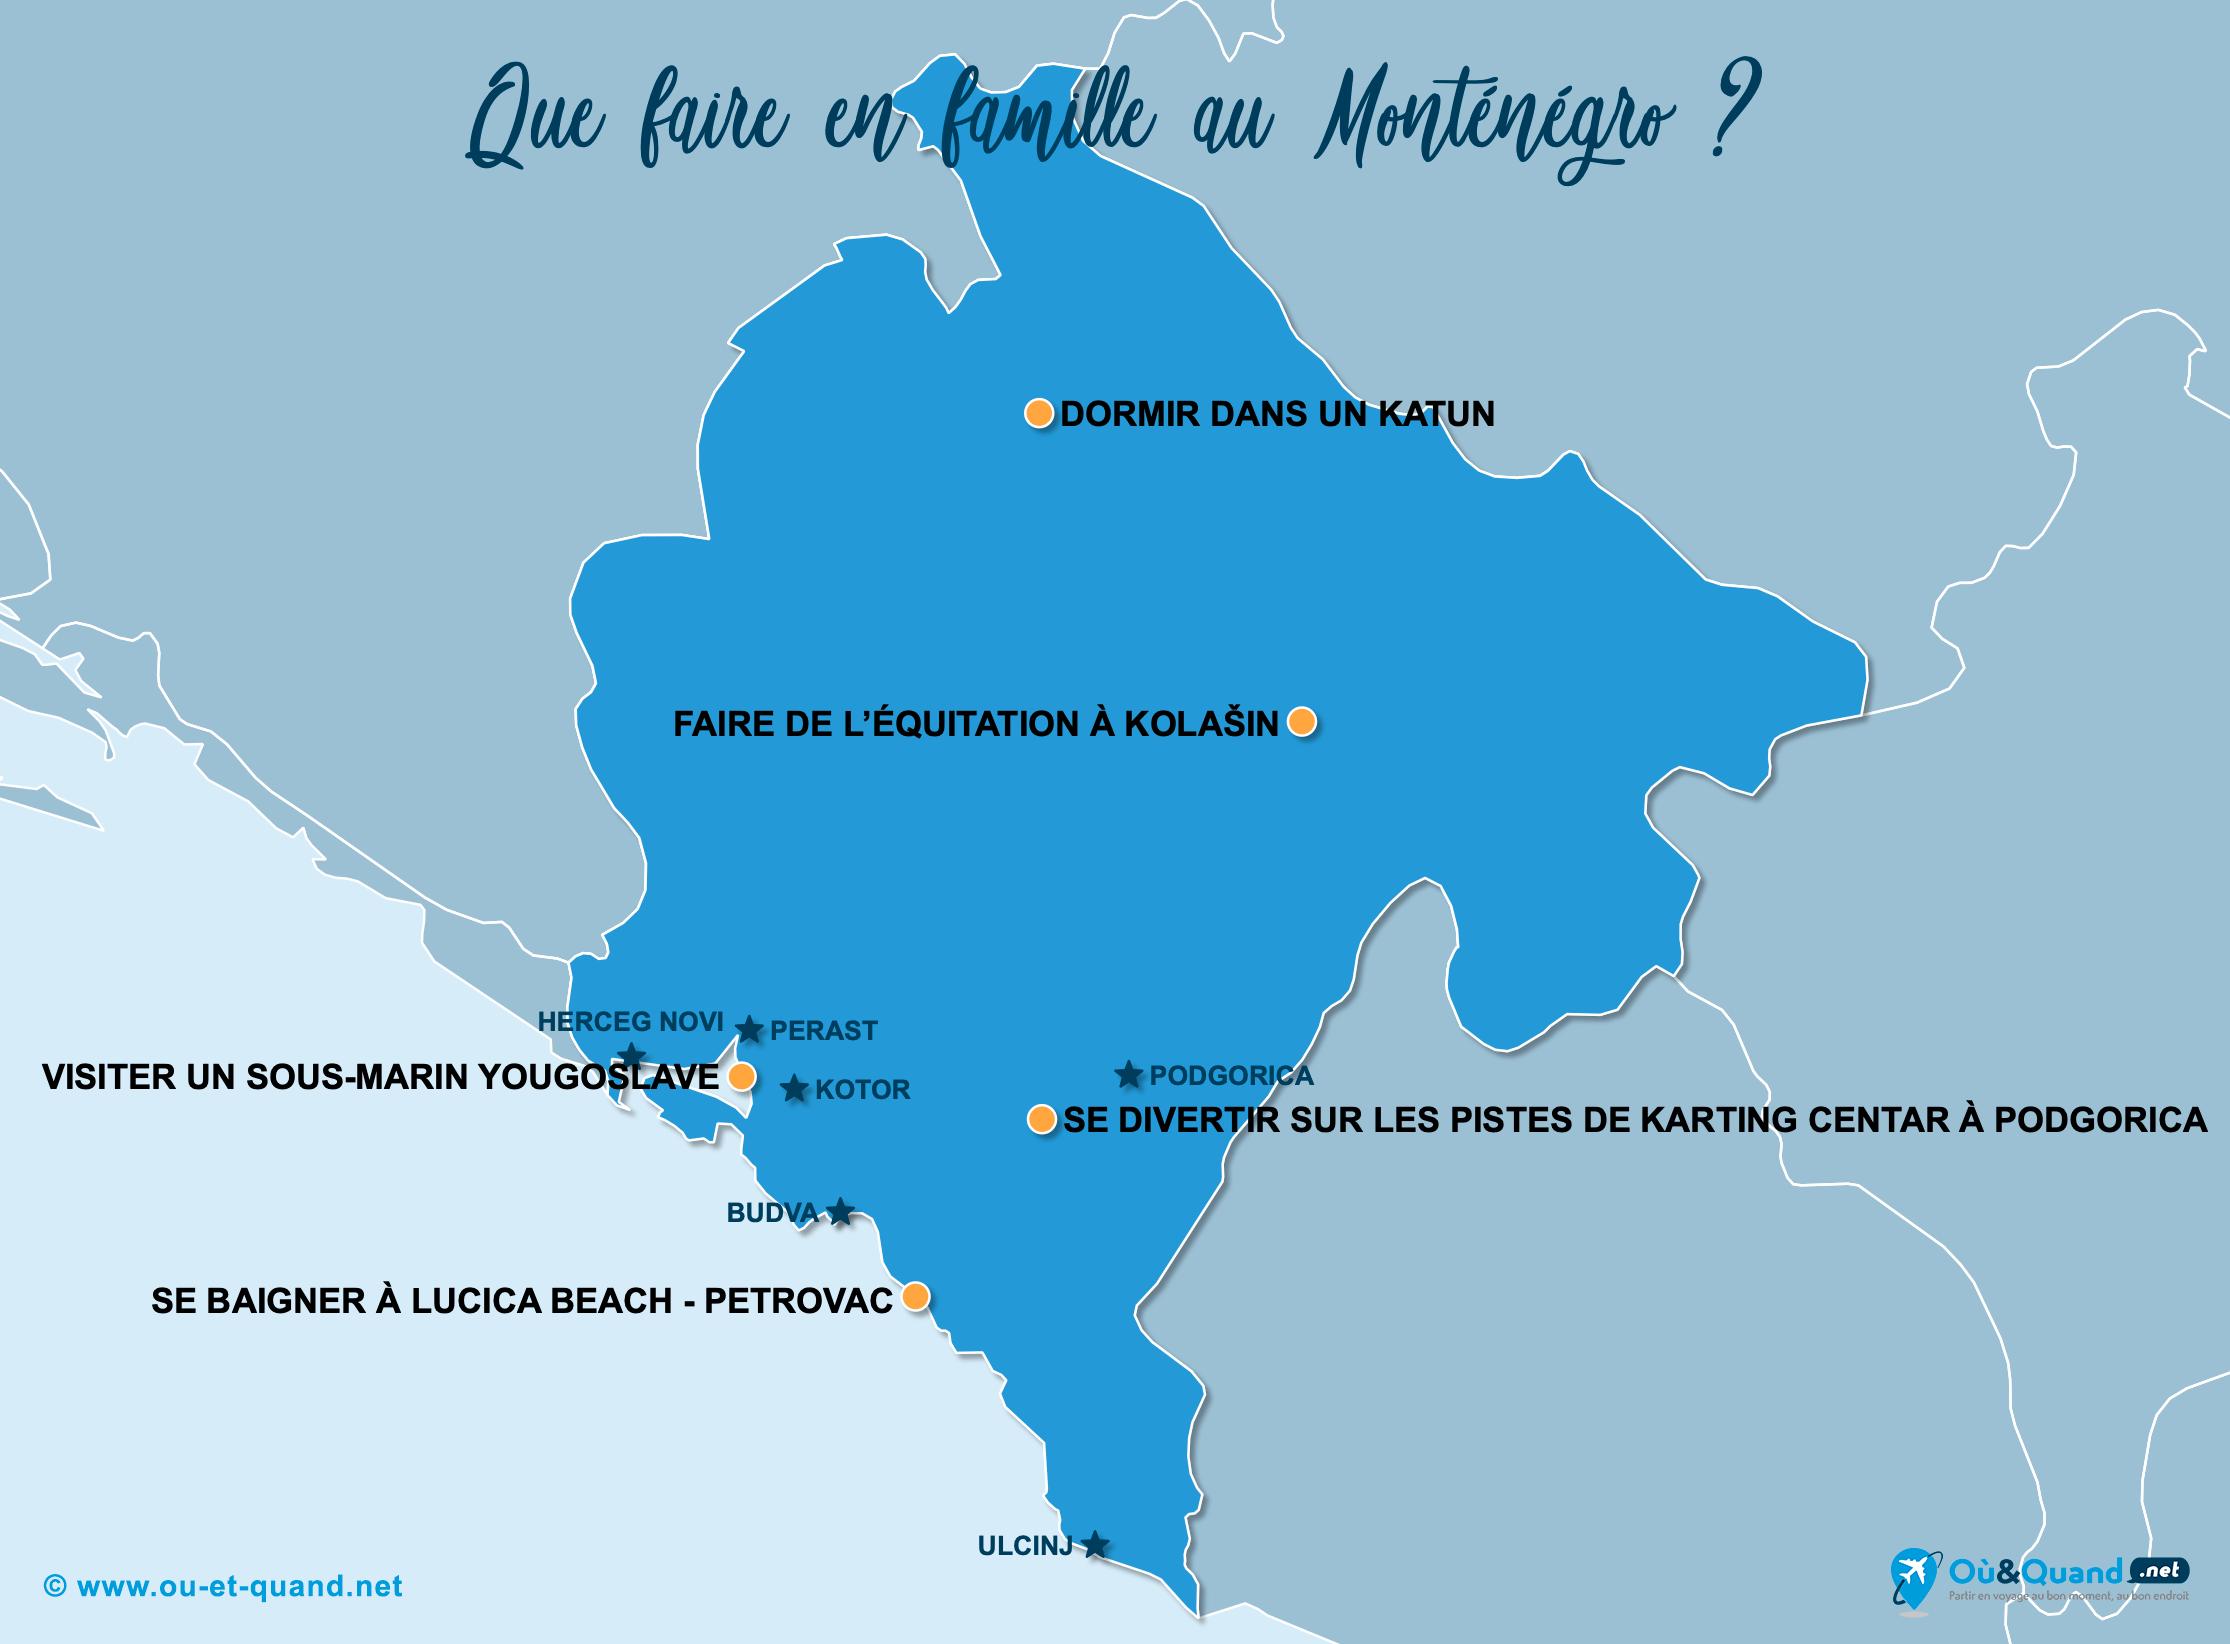 Carte Monténégro : Le Monténégro en famille